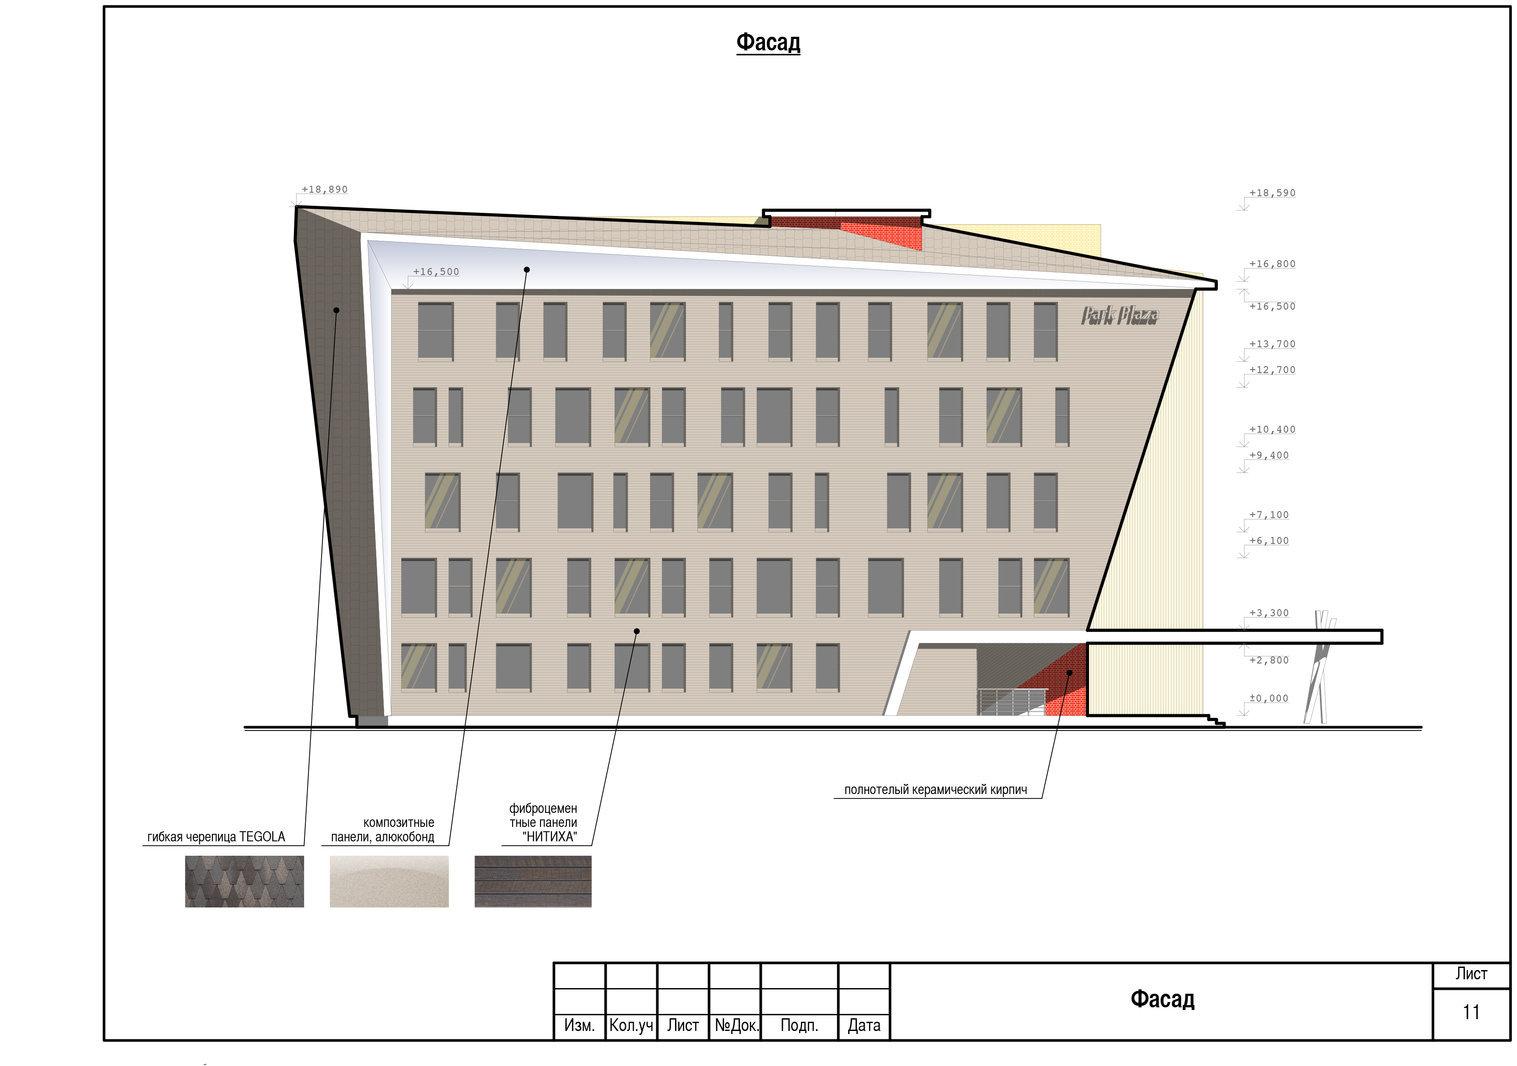 В состав документов входят схемы, чертежи и эскизы, раскрывающие особенности архитектуры и планировки здания.